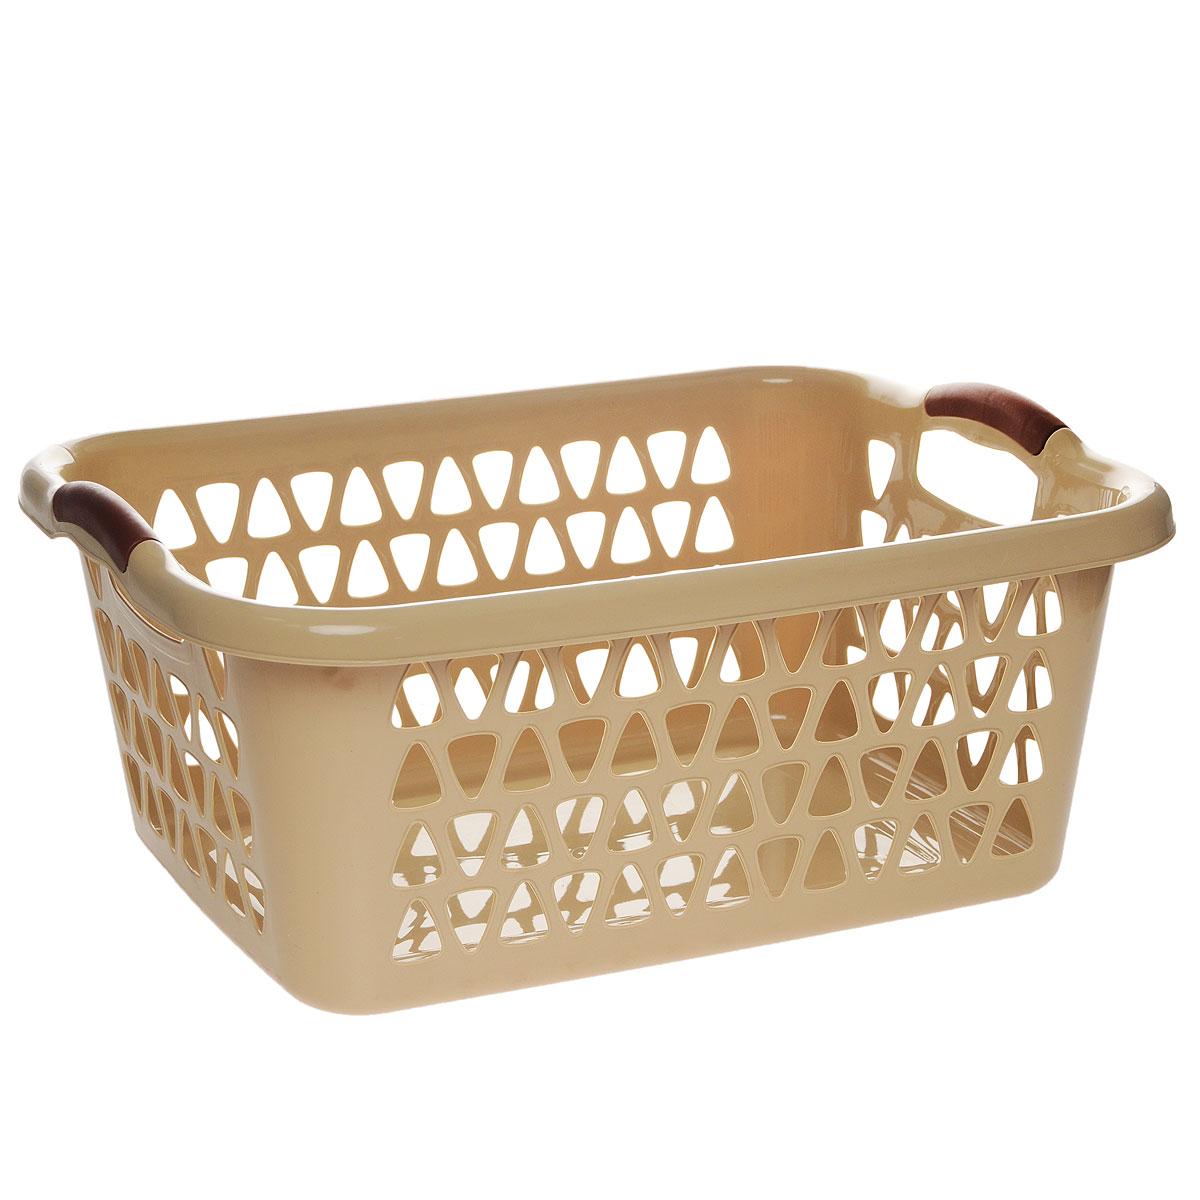 Корзина для хранения Dunya Plastik Симпатия, прямоугольная, цвет: бежевый, 51 х 35 х 20 см05101Классическая корзина Dunya Plastik Симпатия, изготовленная из пластика, предназначена для хранения мелочей в ванной, на кухне, даче или гараже. Позволяет хранить мелкие вещи, исключая возможность их потери. Это легкая корзина со сплошным дном, жесткой кромкой, с небольшими отверстиями. Изделие оснащено удобными ручками.